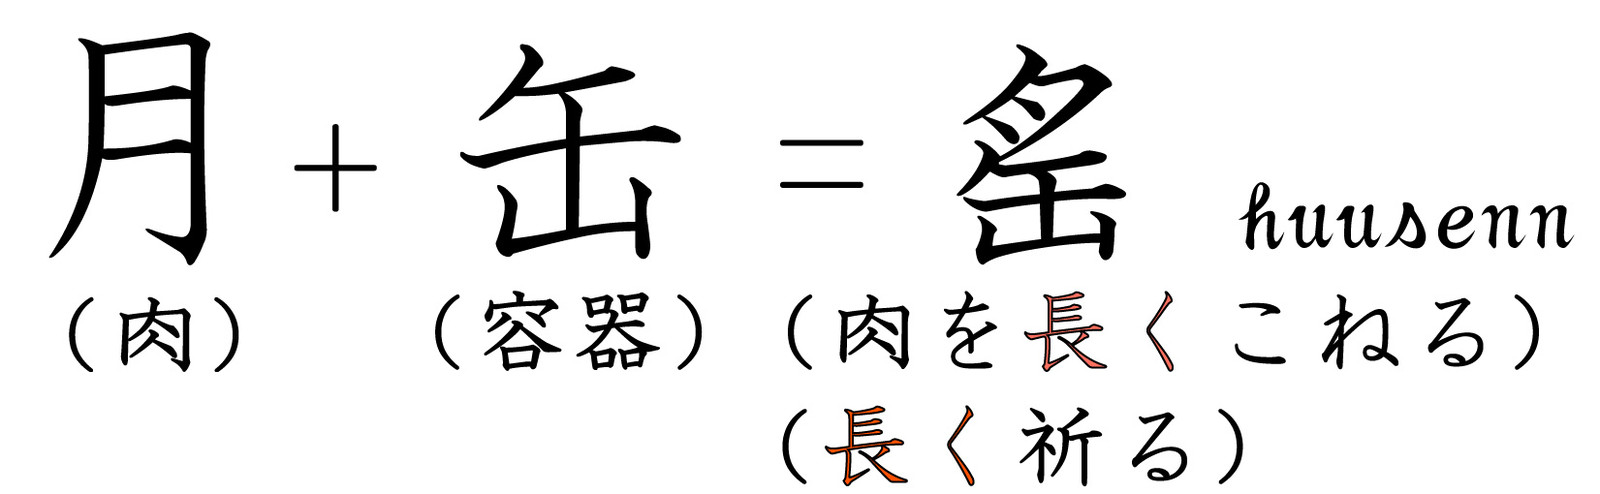 漢字 の て へん